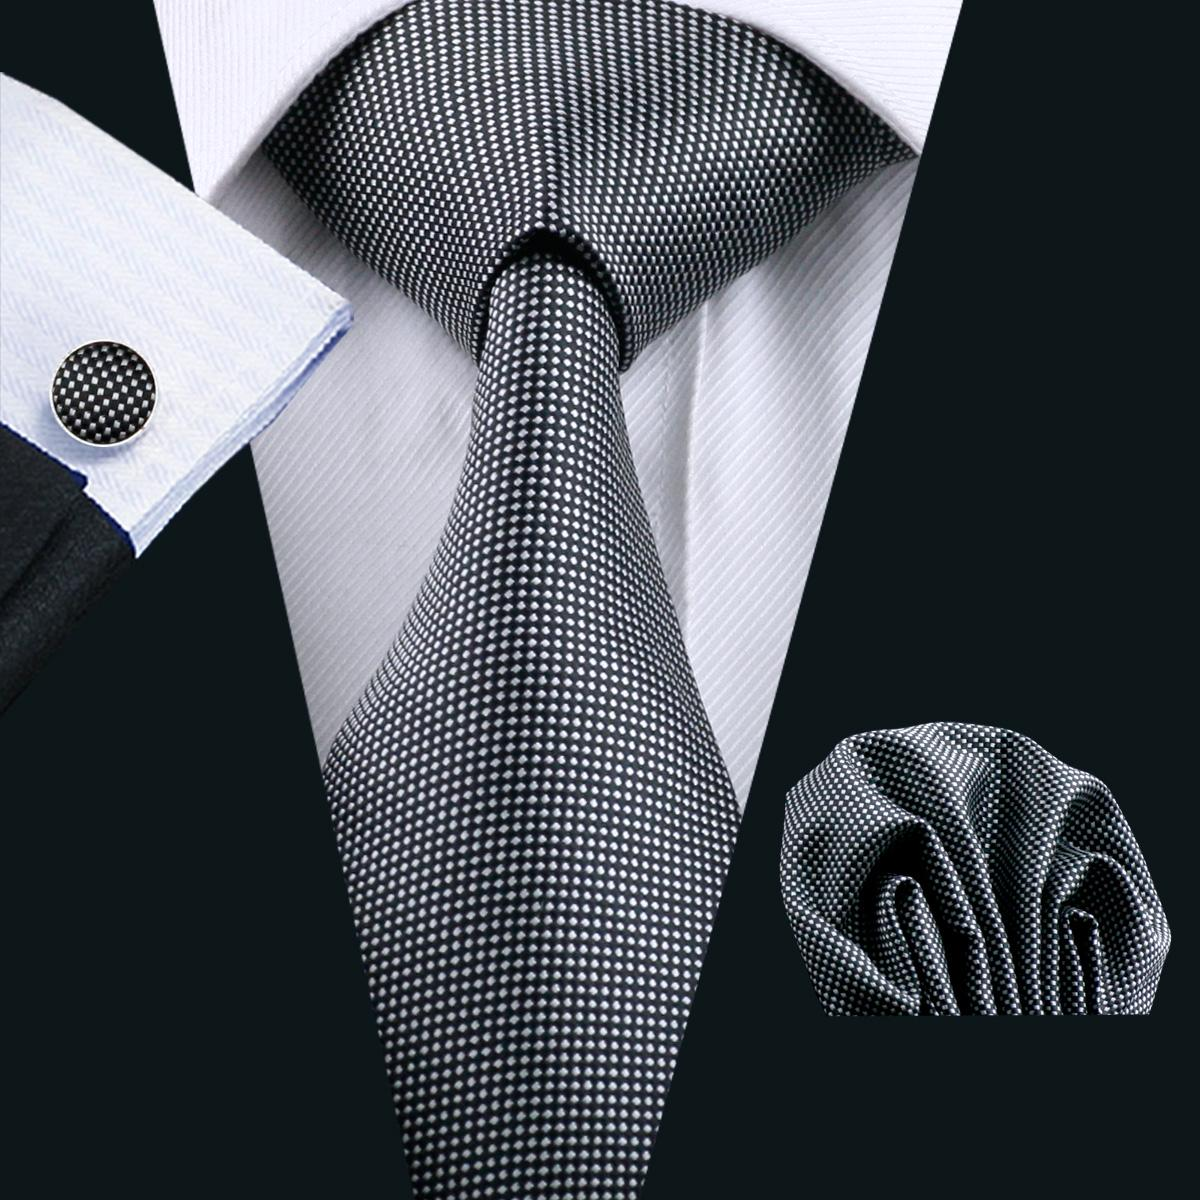 클래식 블랙 망 타이 Hankerchief 커프스 단추 세트 자카드 짠 망 넥타이 세트 비즈니스 작업 정식 회의 레저 N-0924